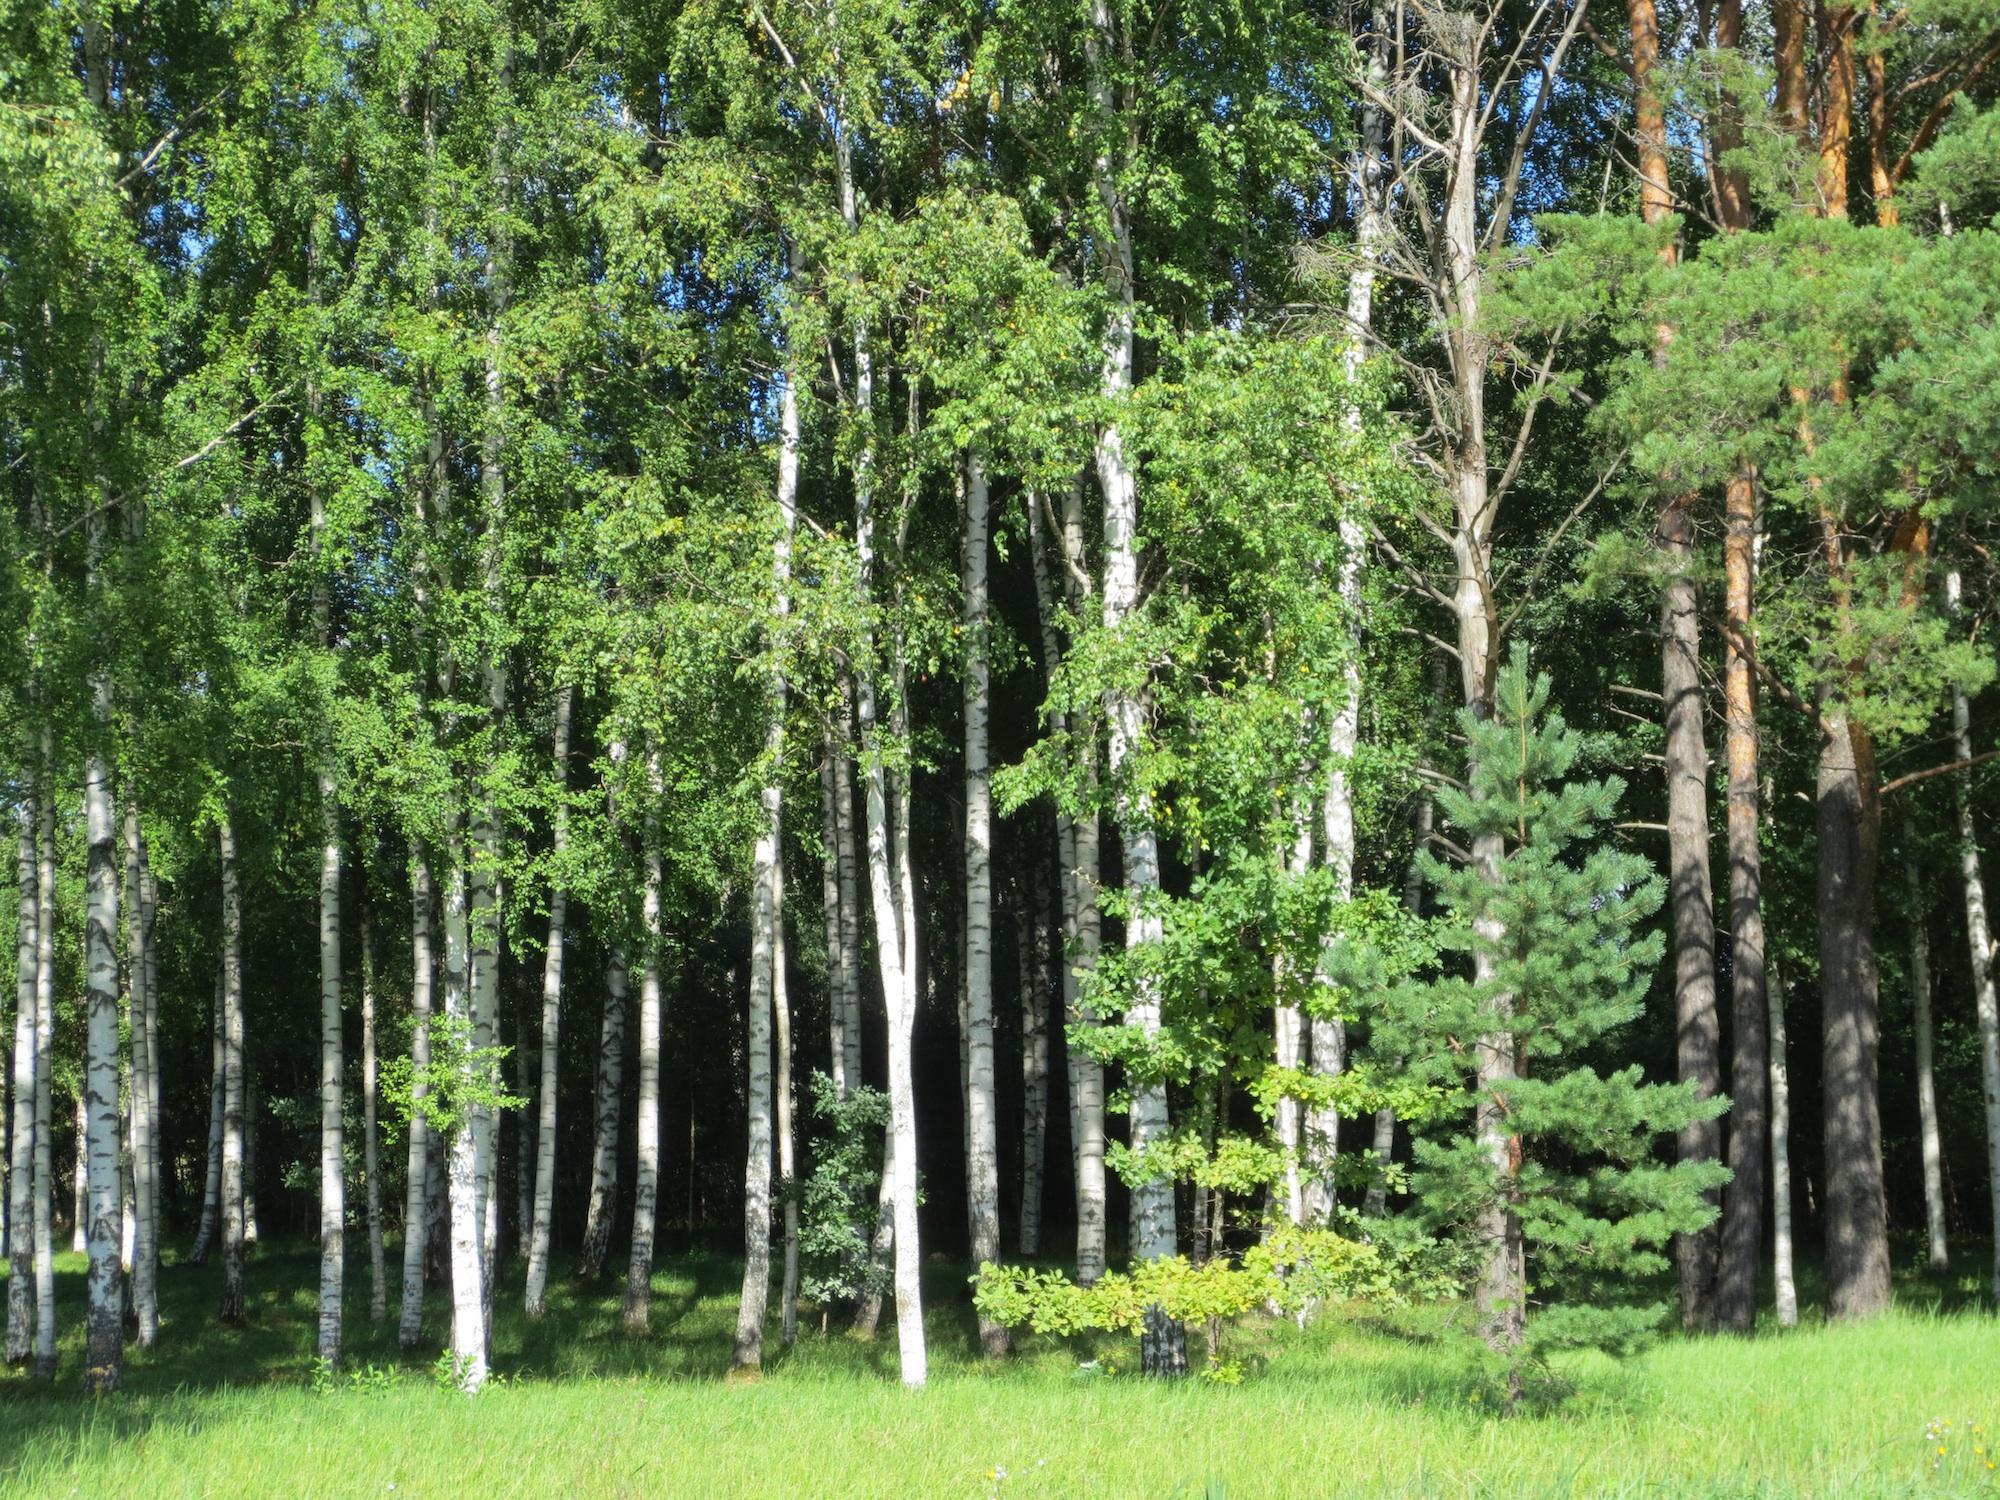 обоям автомат деревья леса нижегородской области фото заброшены